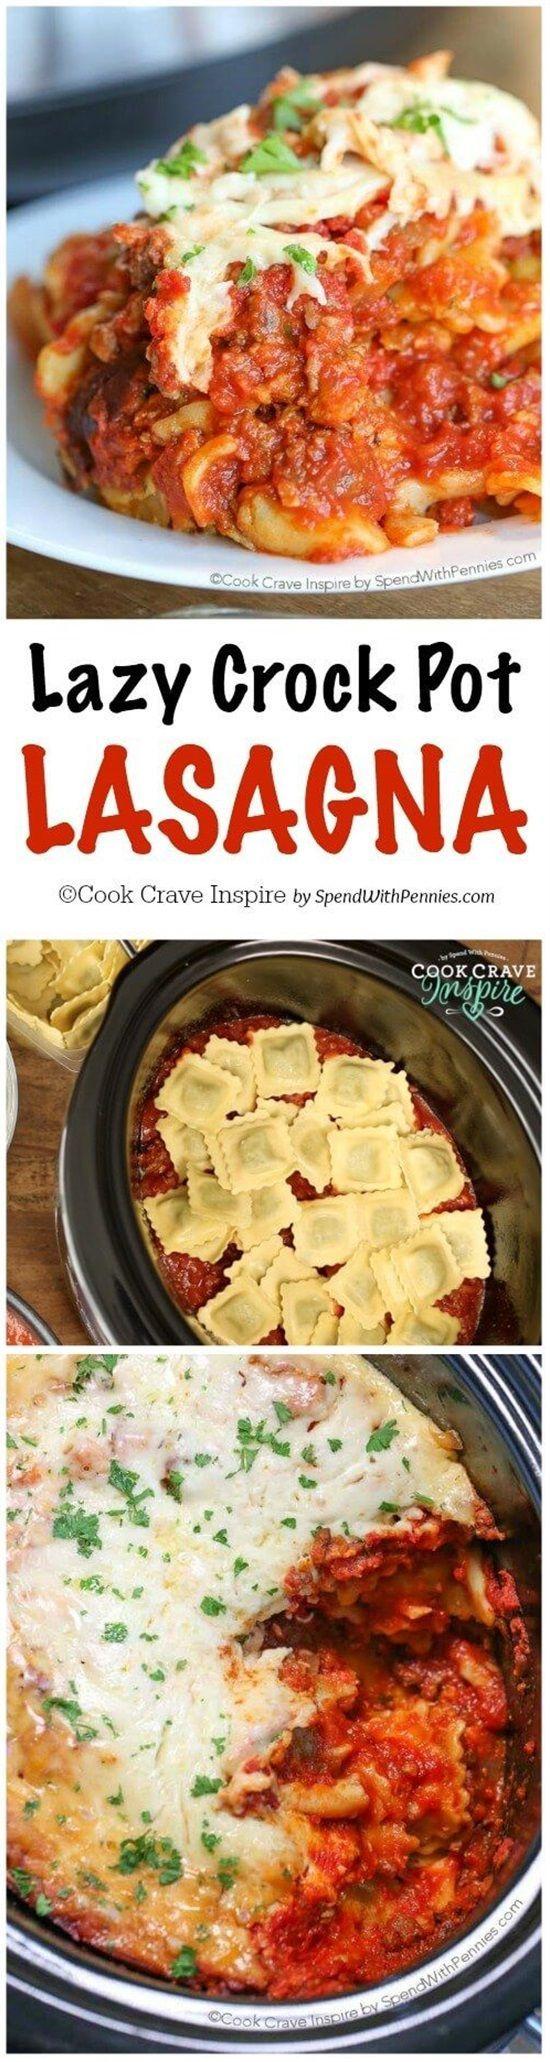 Lazy Crock Pot Lasagna